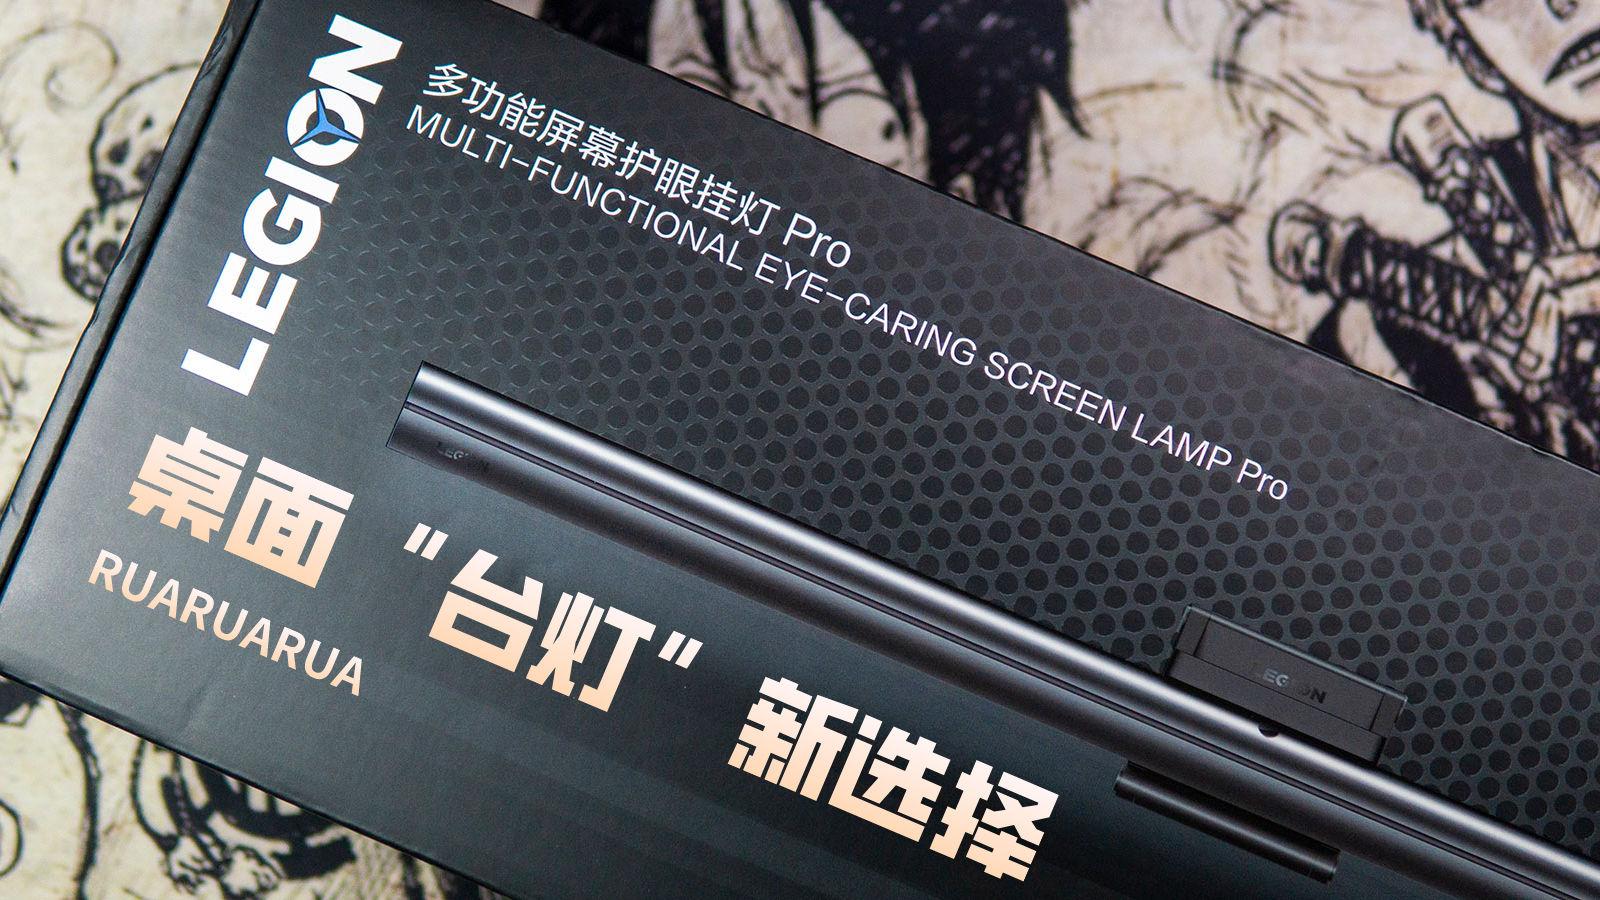 桌面台灯新选择,联想拯救者屏幕护眼挂灯Pro